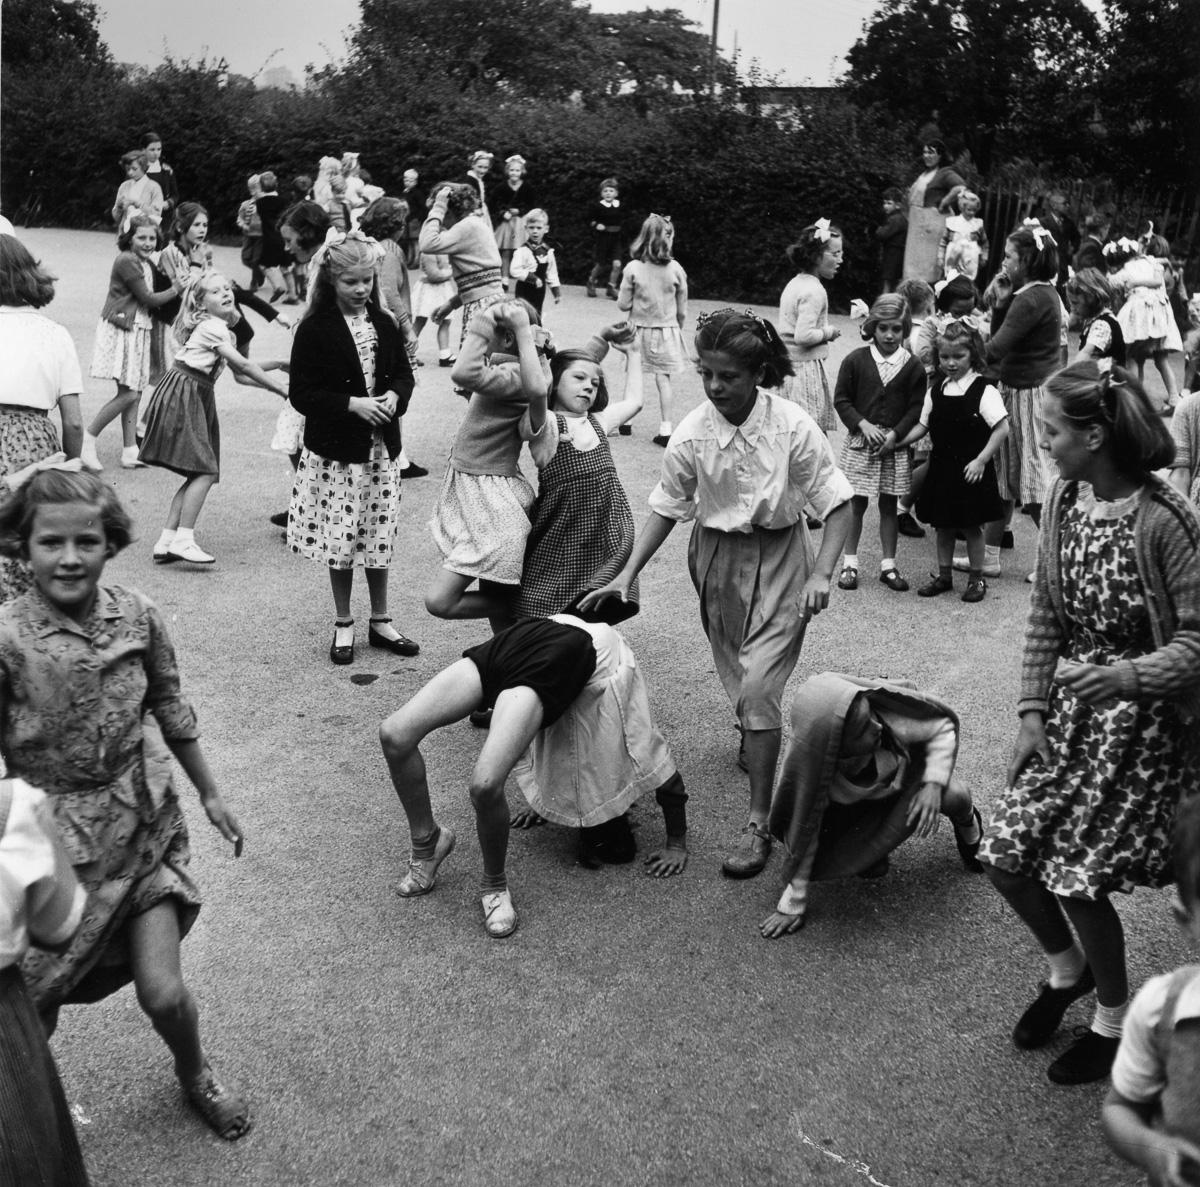 просторного курятника смотреть редкие исторические фотографии девушки узнал